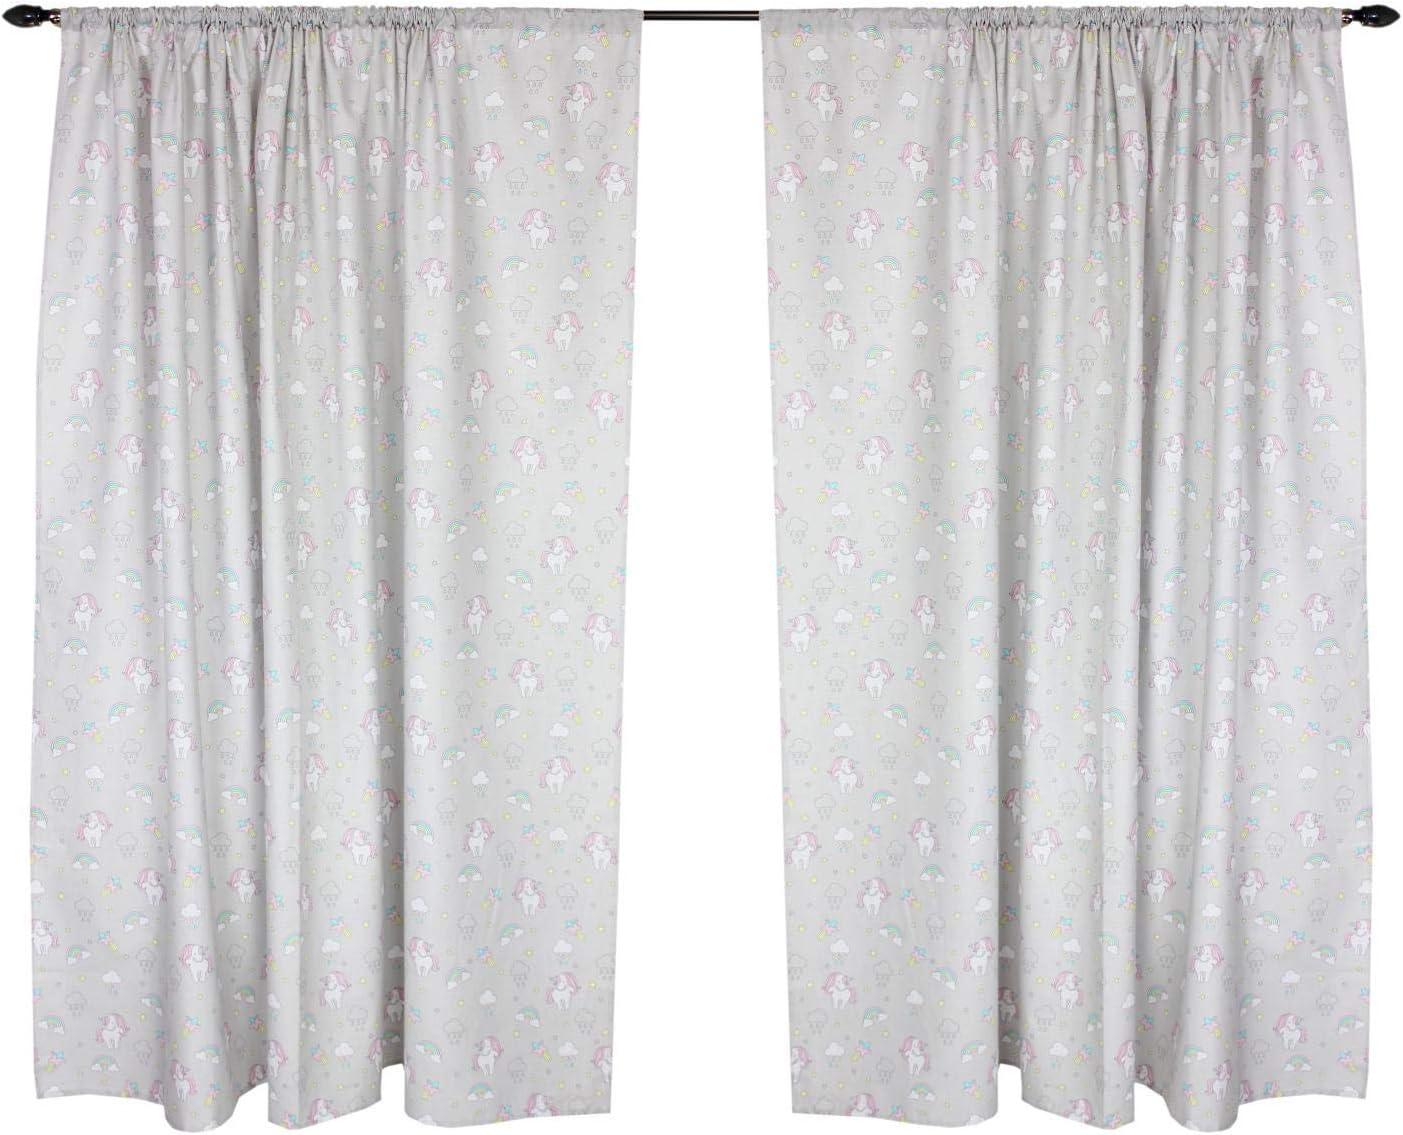 2 Paneles Puntos Estrellas Gris TupTam Cortinas para Habitaci/ón de Ni/ños c 155x155 cm